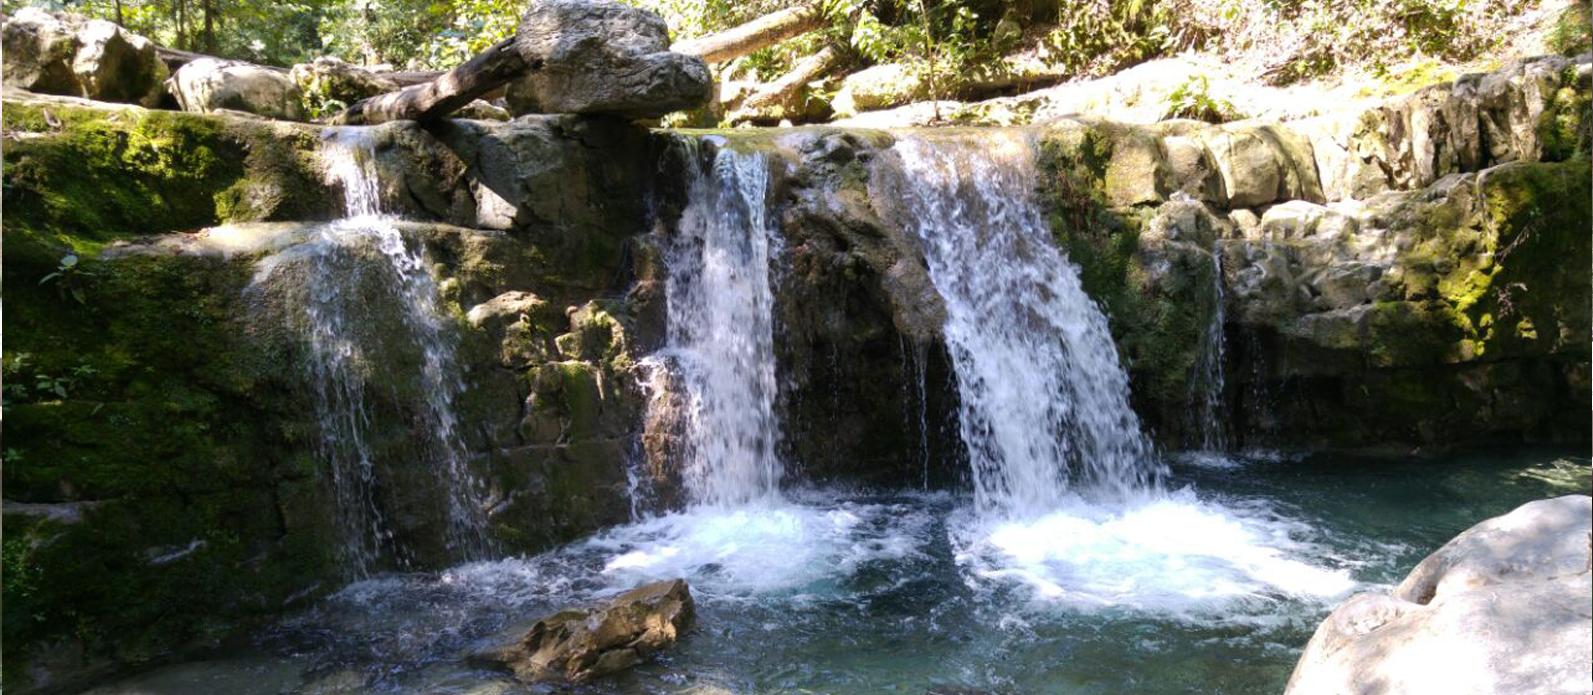 Fondo de campaña de Cascadas en el Parque la Estanzuela